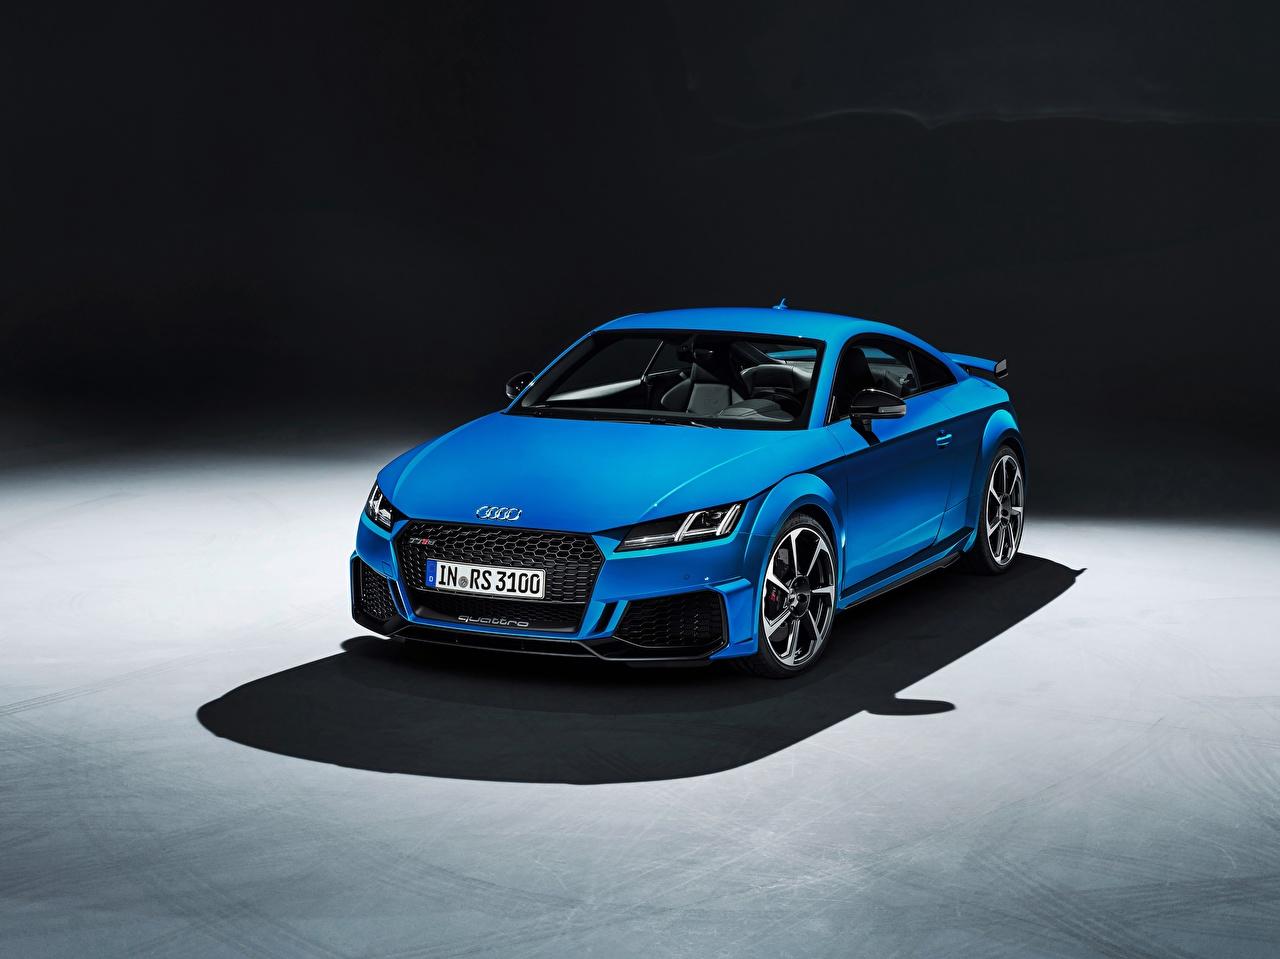 Обои для рабочего стола Ауди TT RS, 2020 Купе синие Металлик Автомобили Audi синих Синий синяя авто машина машины автомобиль